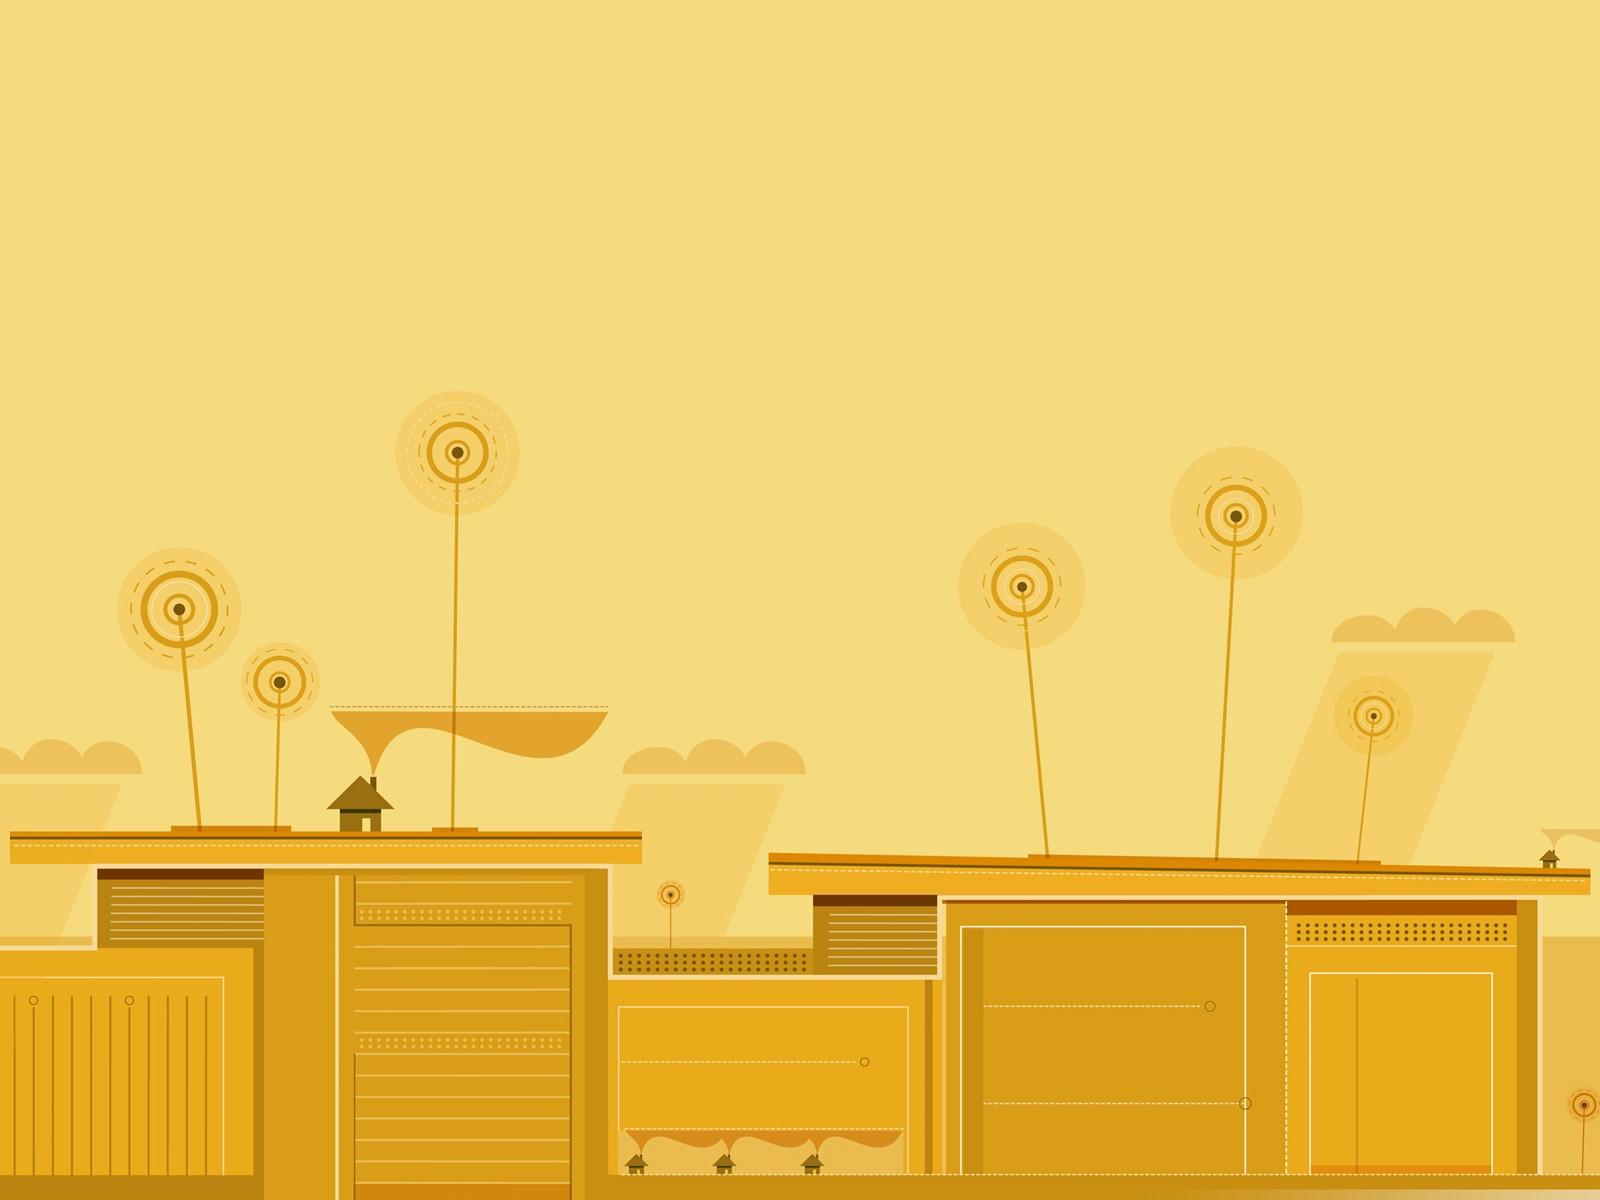 Wallpaper : 1600x1200 px, abstrak, lucu, Jeruk, kuning